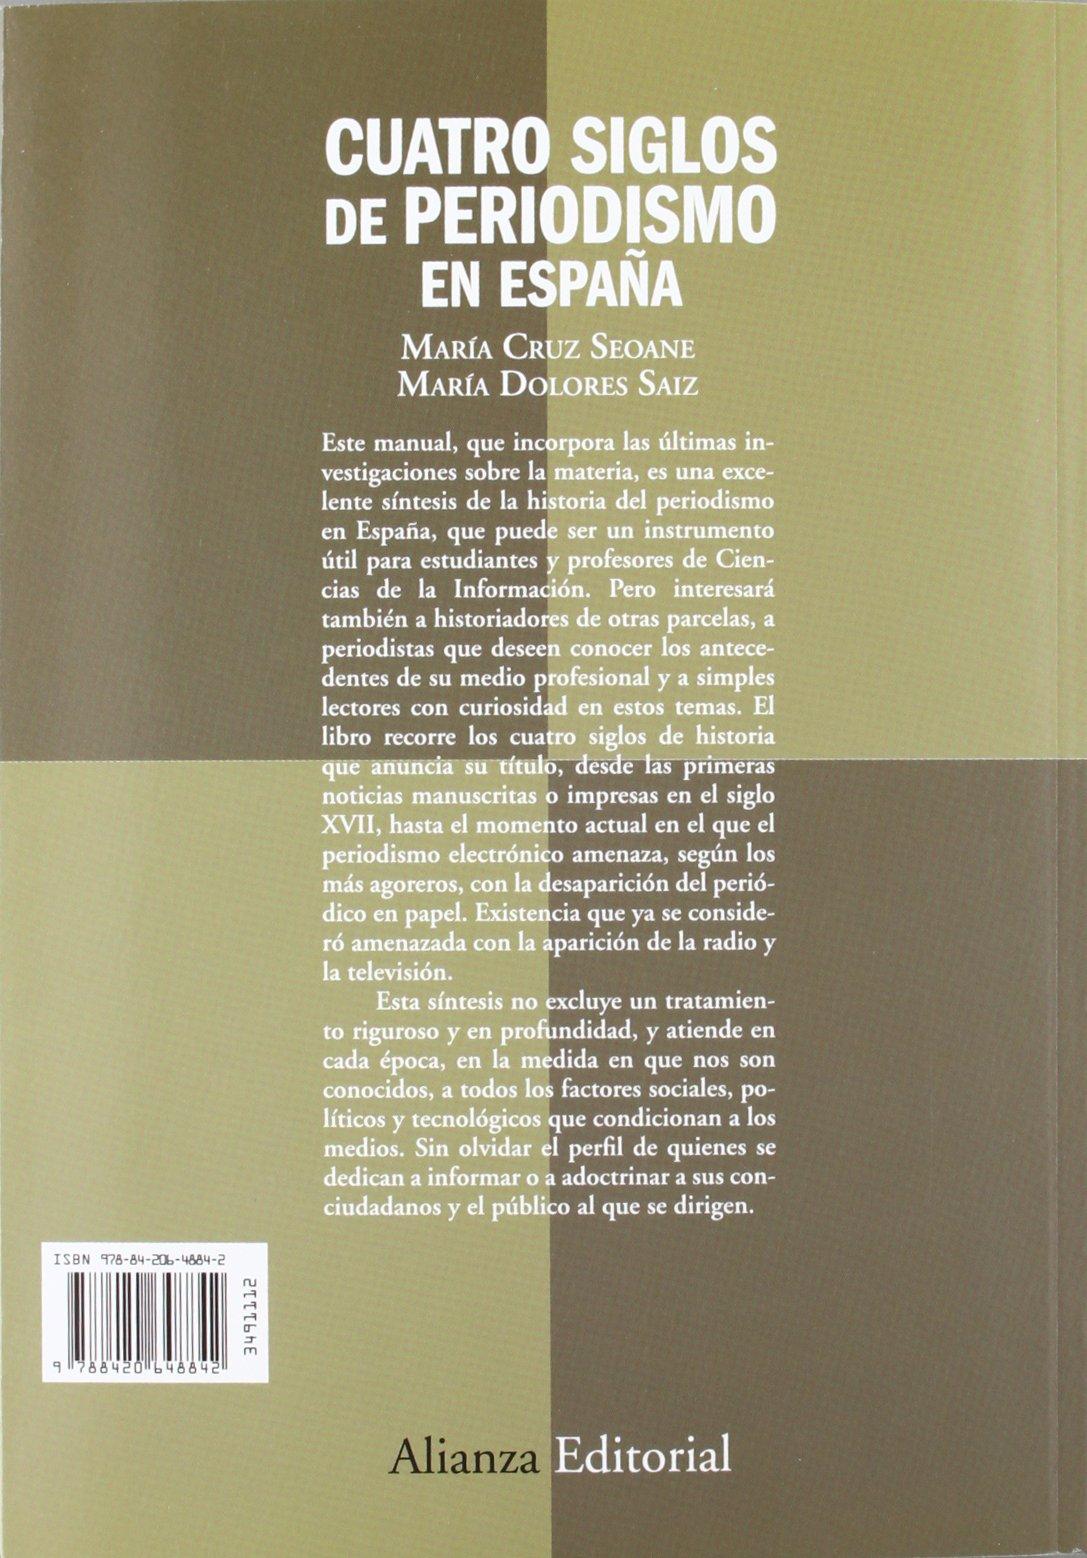 Cuatro siglos del periodismo en España: De los